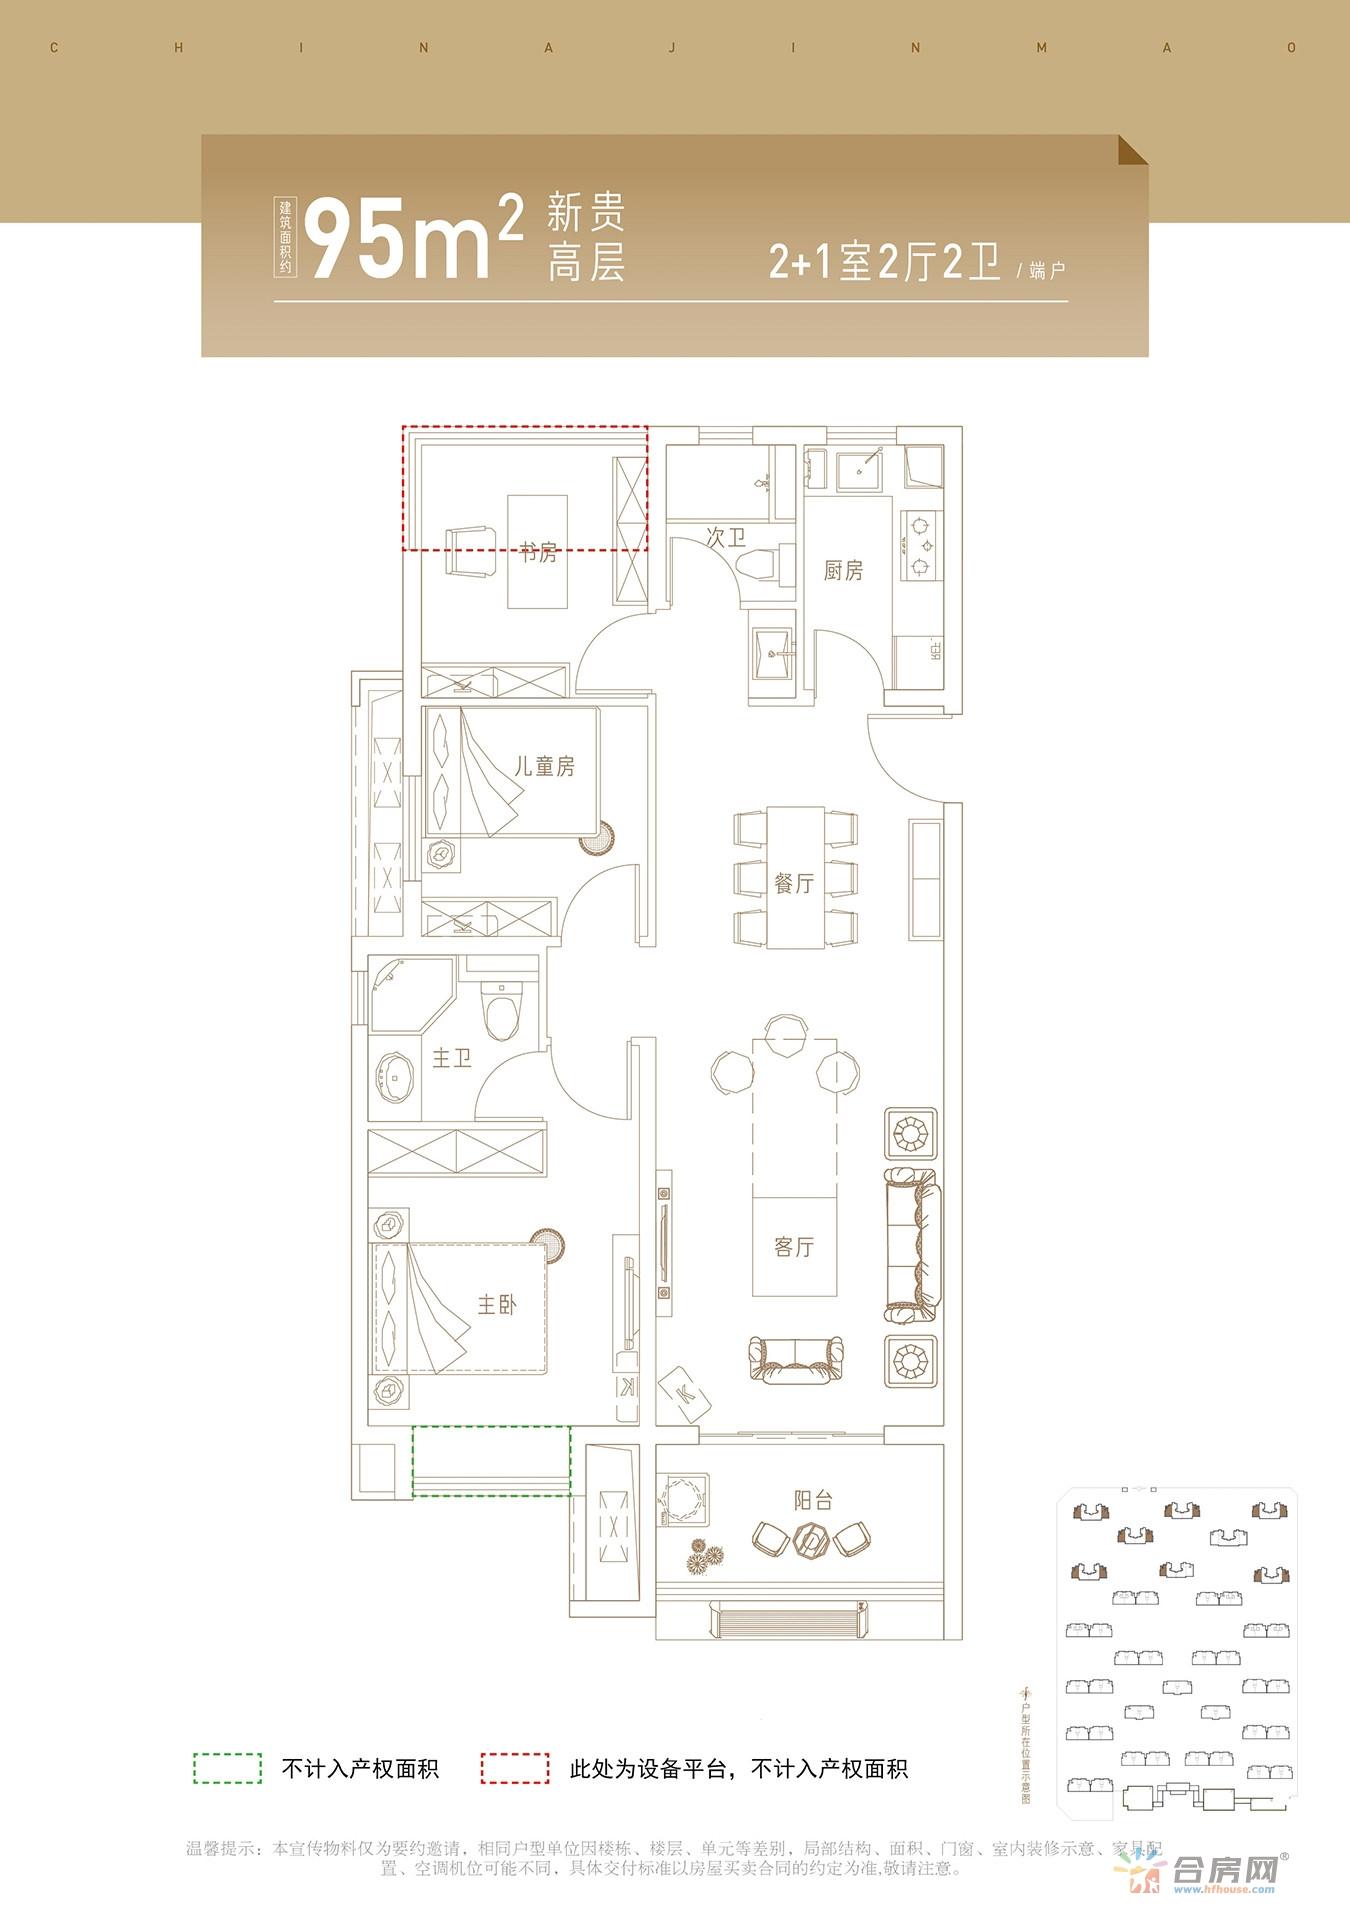 三室两厅两卫,整体户型方正,客厅与餐厅一体化设计,活动区域开阔,并且客厅连接南向阳台,居住舒适度高,采光效果较好;全明通透户型,书房面积半赠送,主卧南向飘窗不计入产权面积,性价比高。